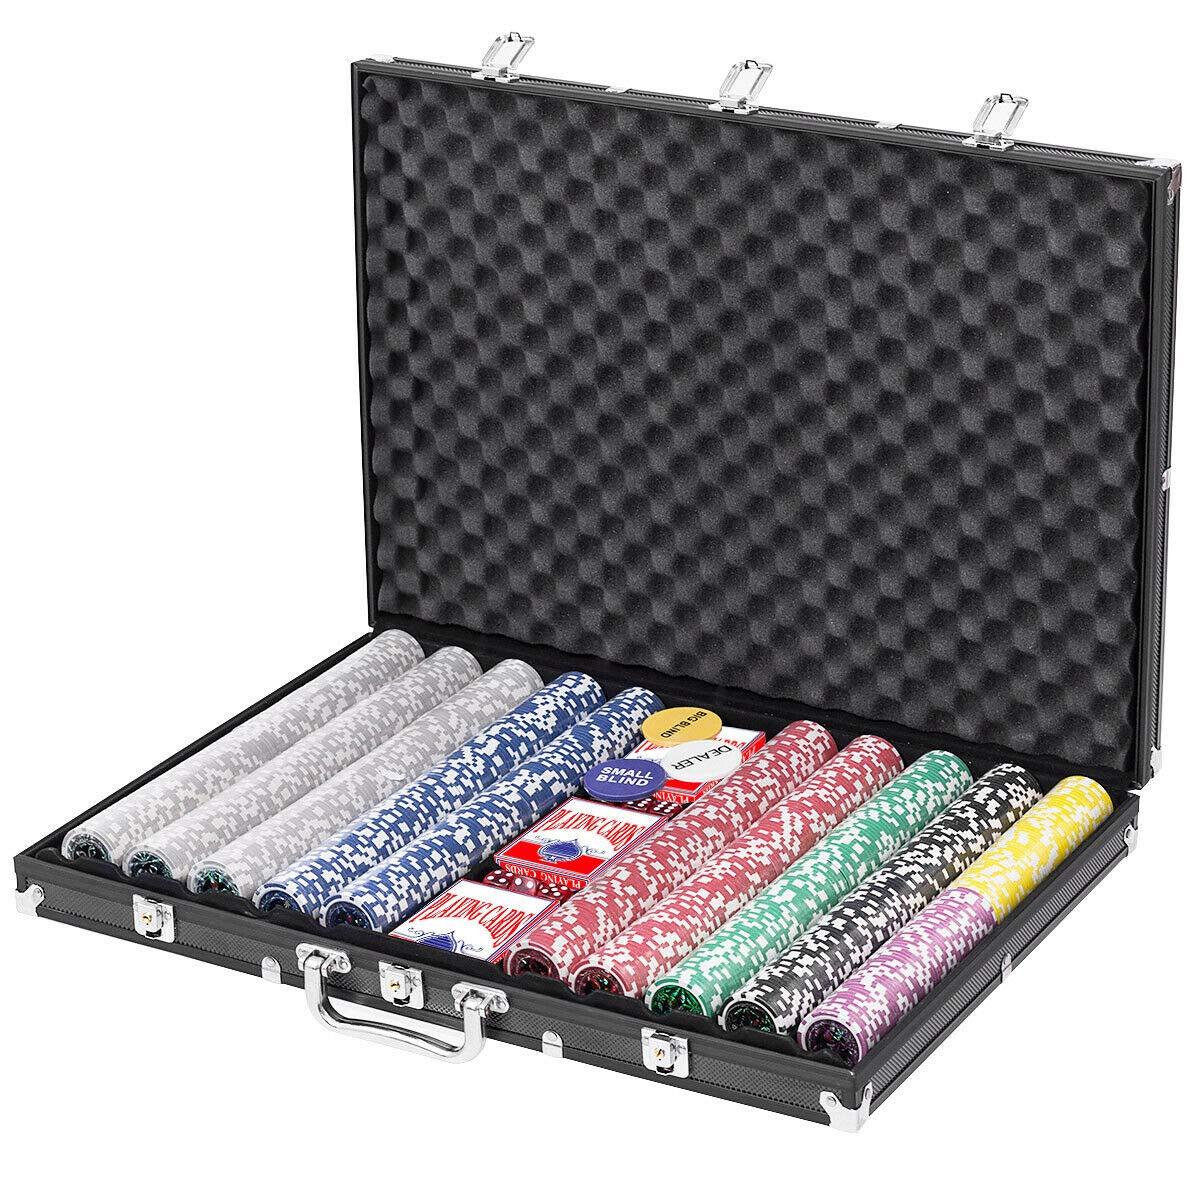 1000 Chips Poker Chip Set 11.5 Gram Holdem Cards Game with Black Aluminum Case by MB-TGamestar